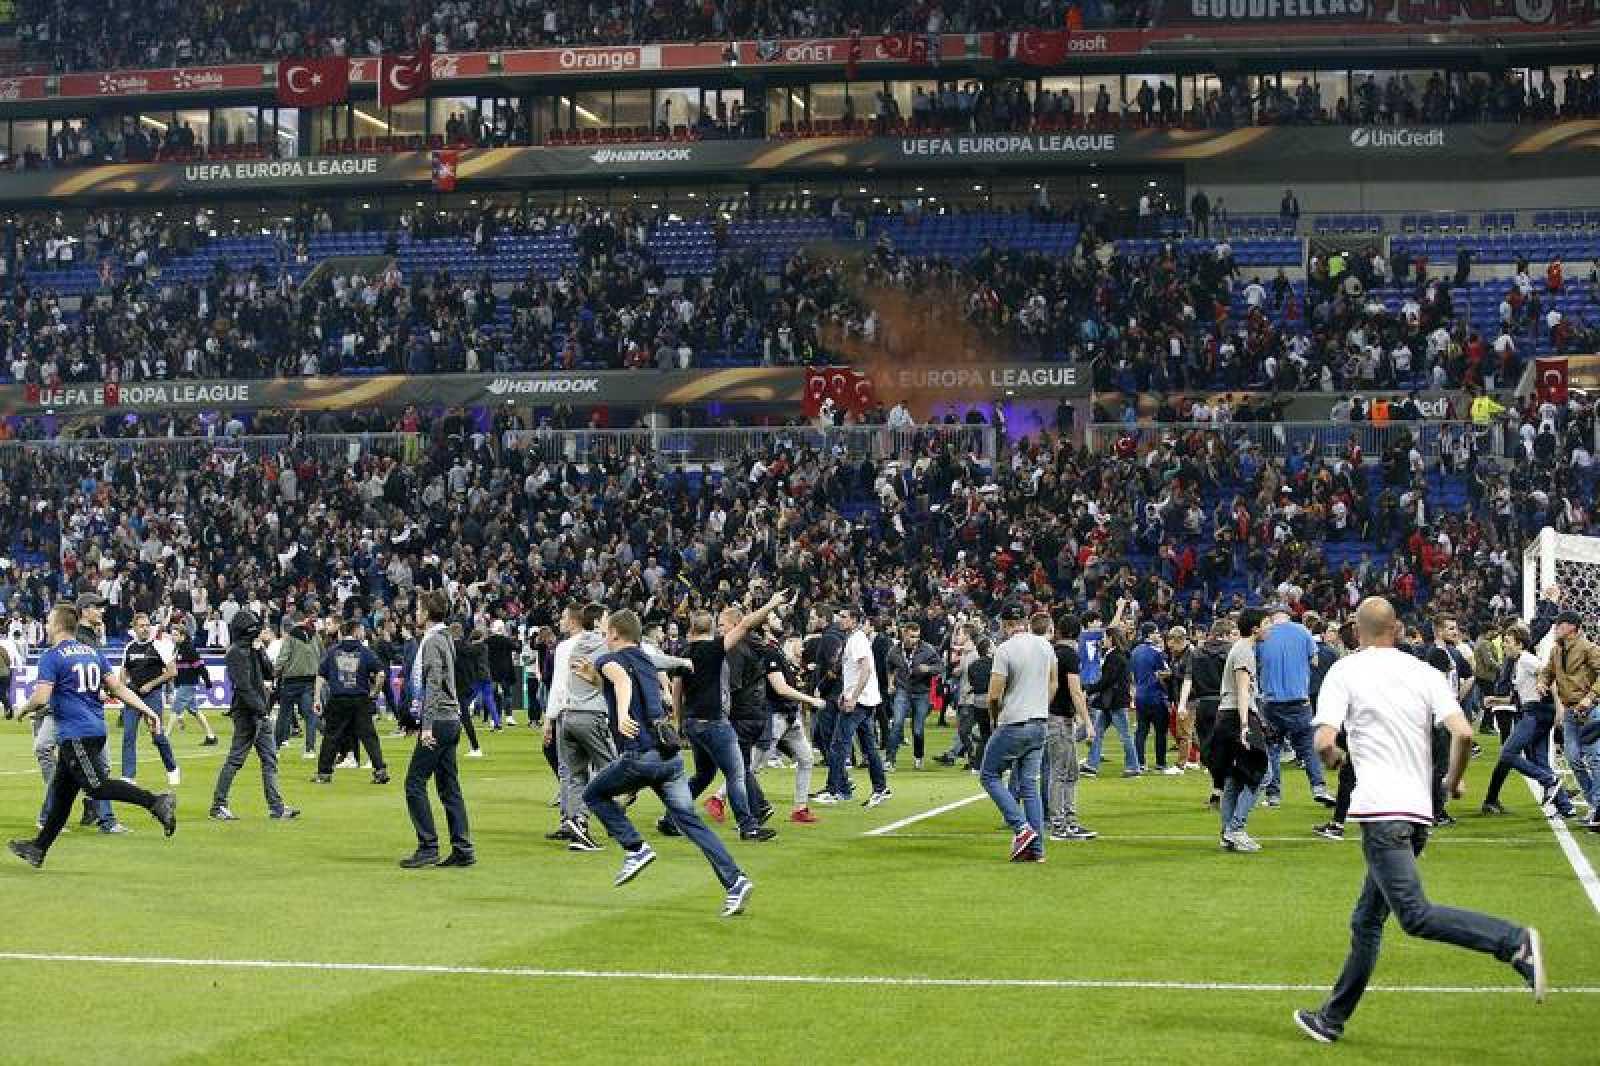 Los aficionados invadieron el campo de juego antes del partido de la Liga de Europa.